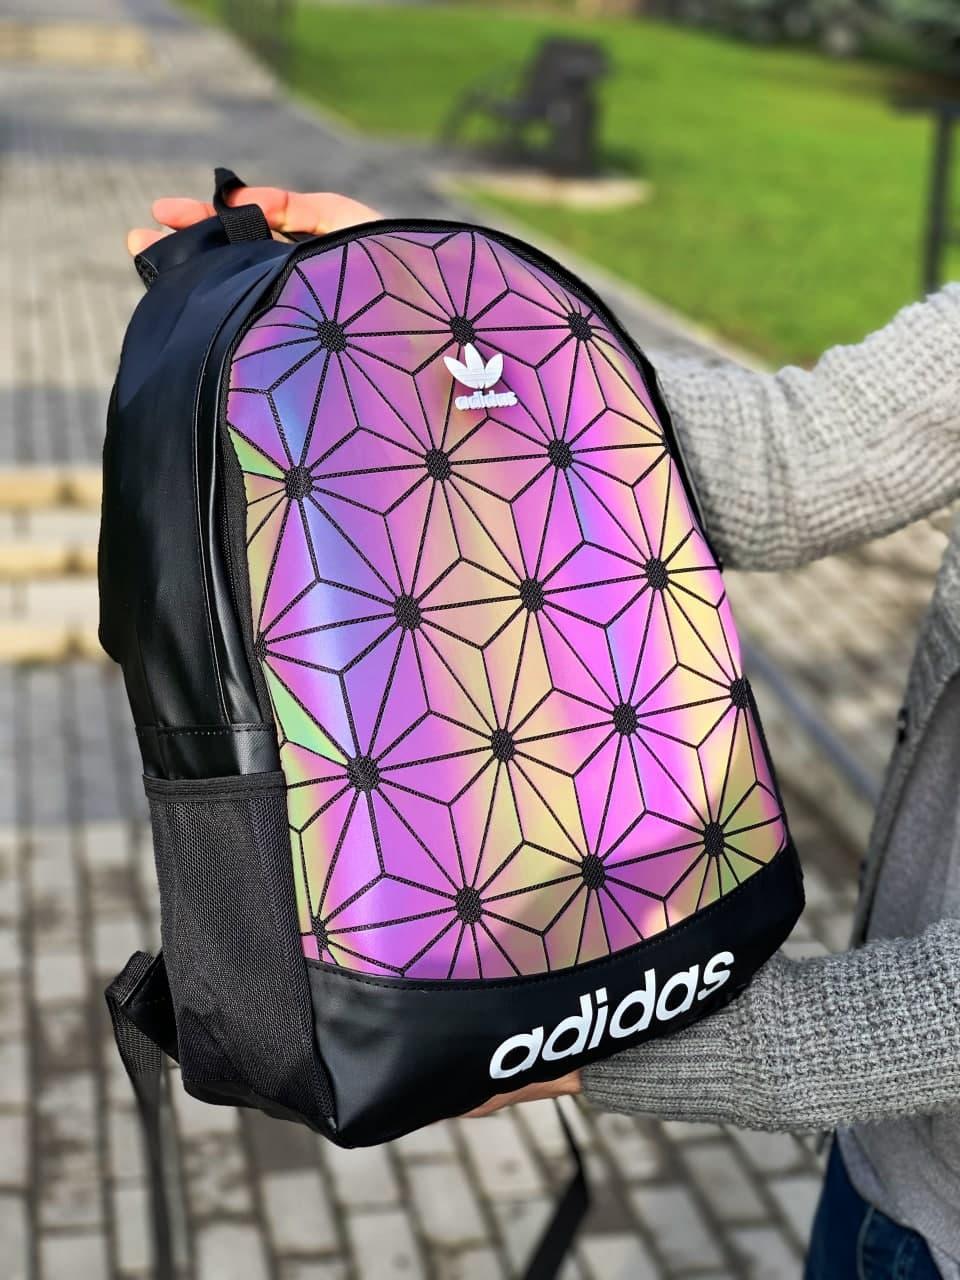 Рюкзак Adidas 3D Адидас стильный городской спортивный горный школьный новый